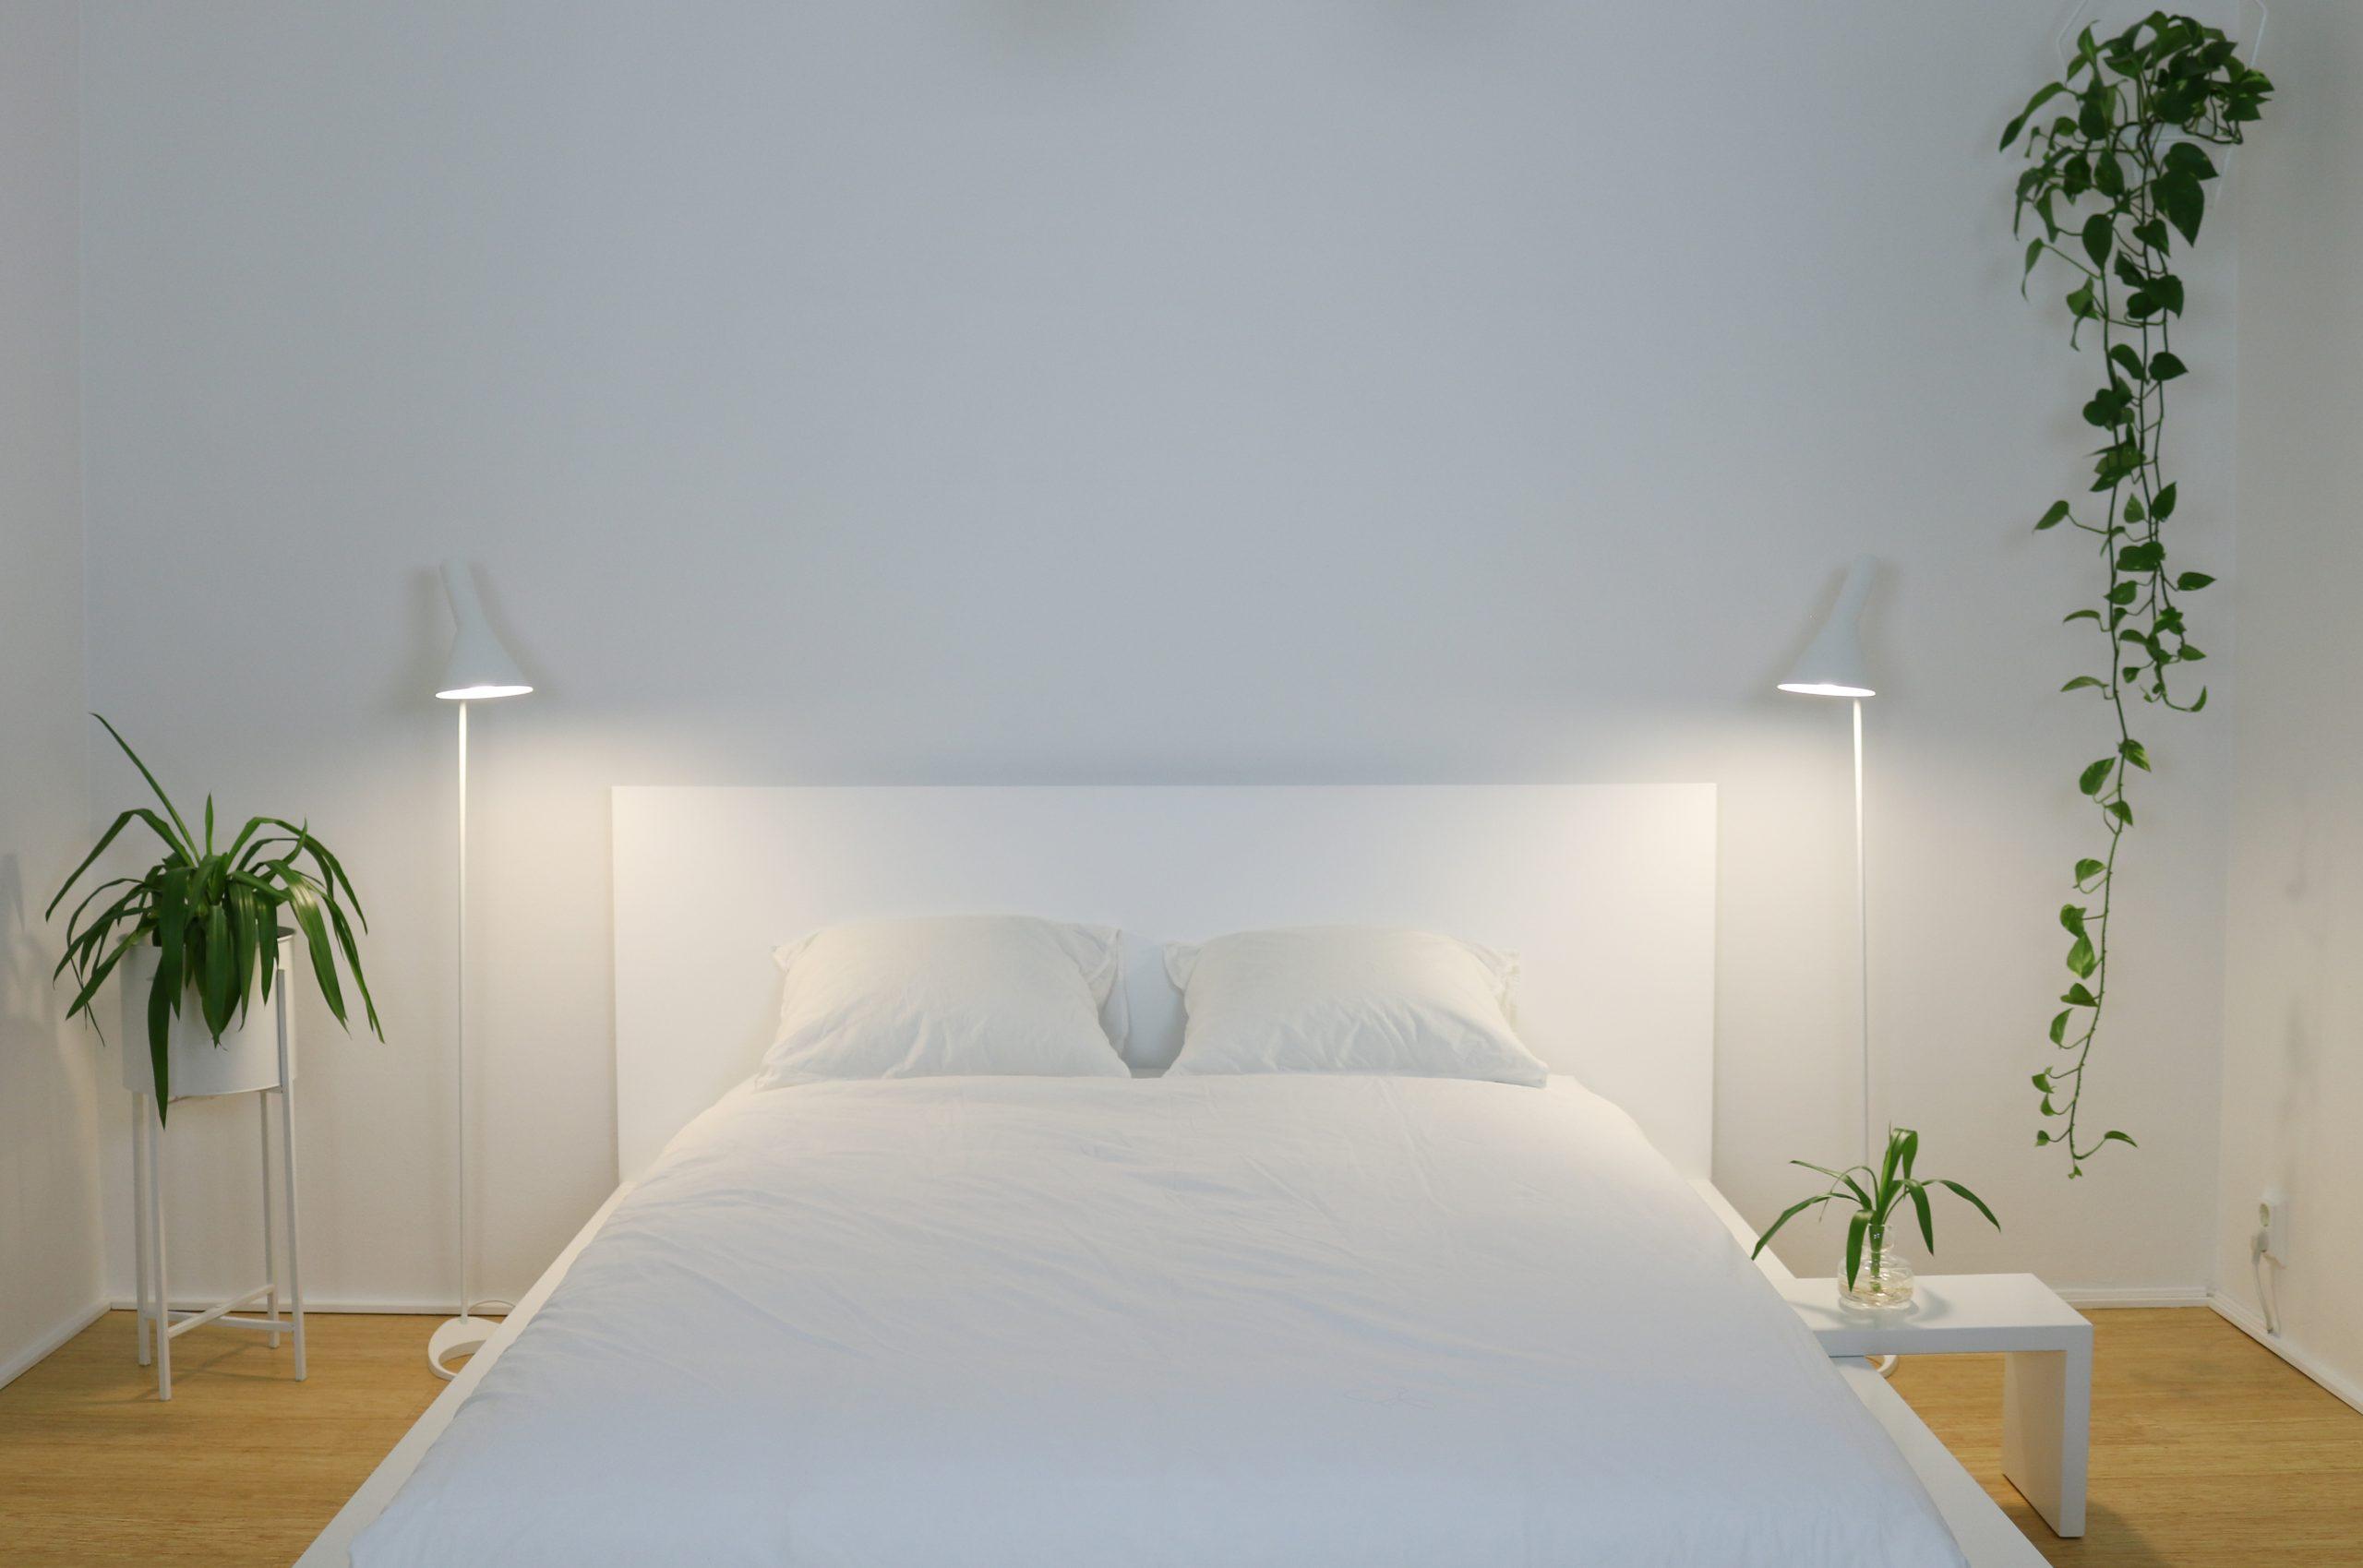 kevätsiivous - makuuhuoneen siivous ja ikkunoiden pesu